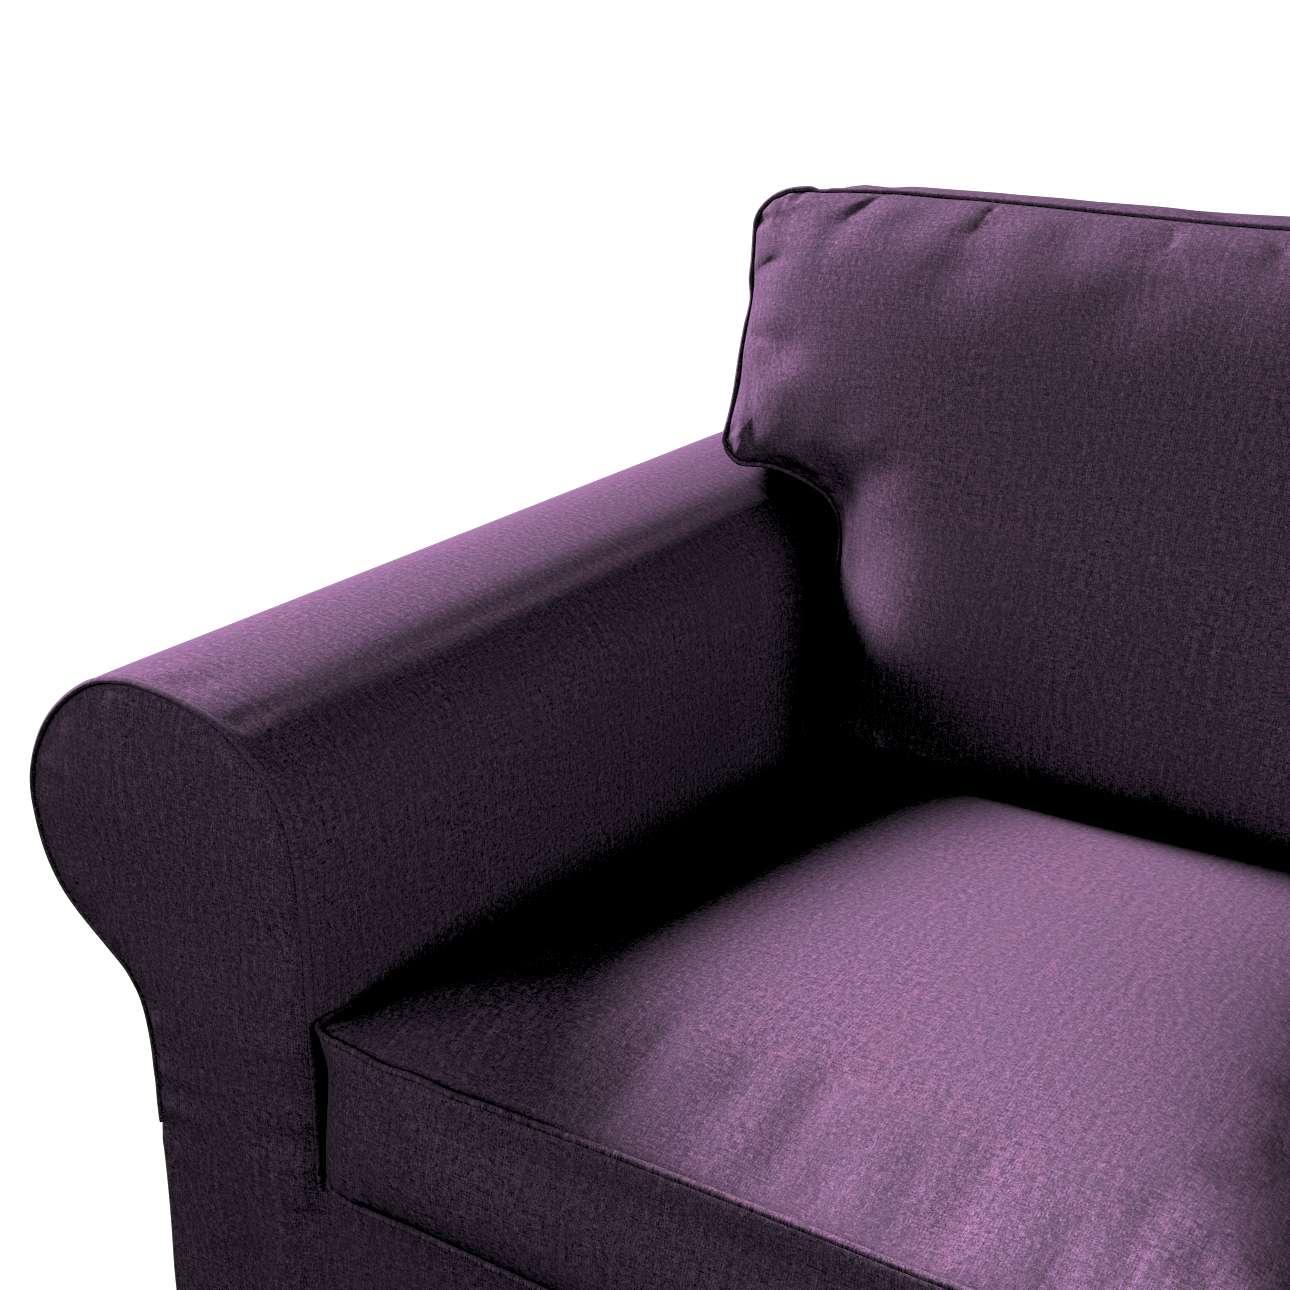 Bezug für Ektorp 2-Sitzer Schlafsofa ALTES Modell von der Kollektion Living, Stoff: 161-67